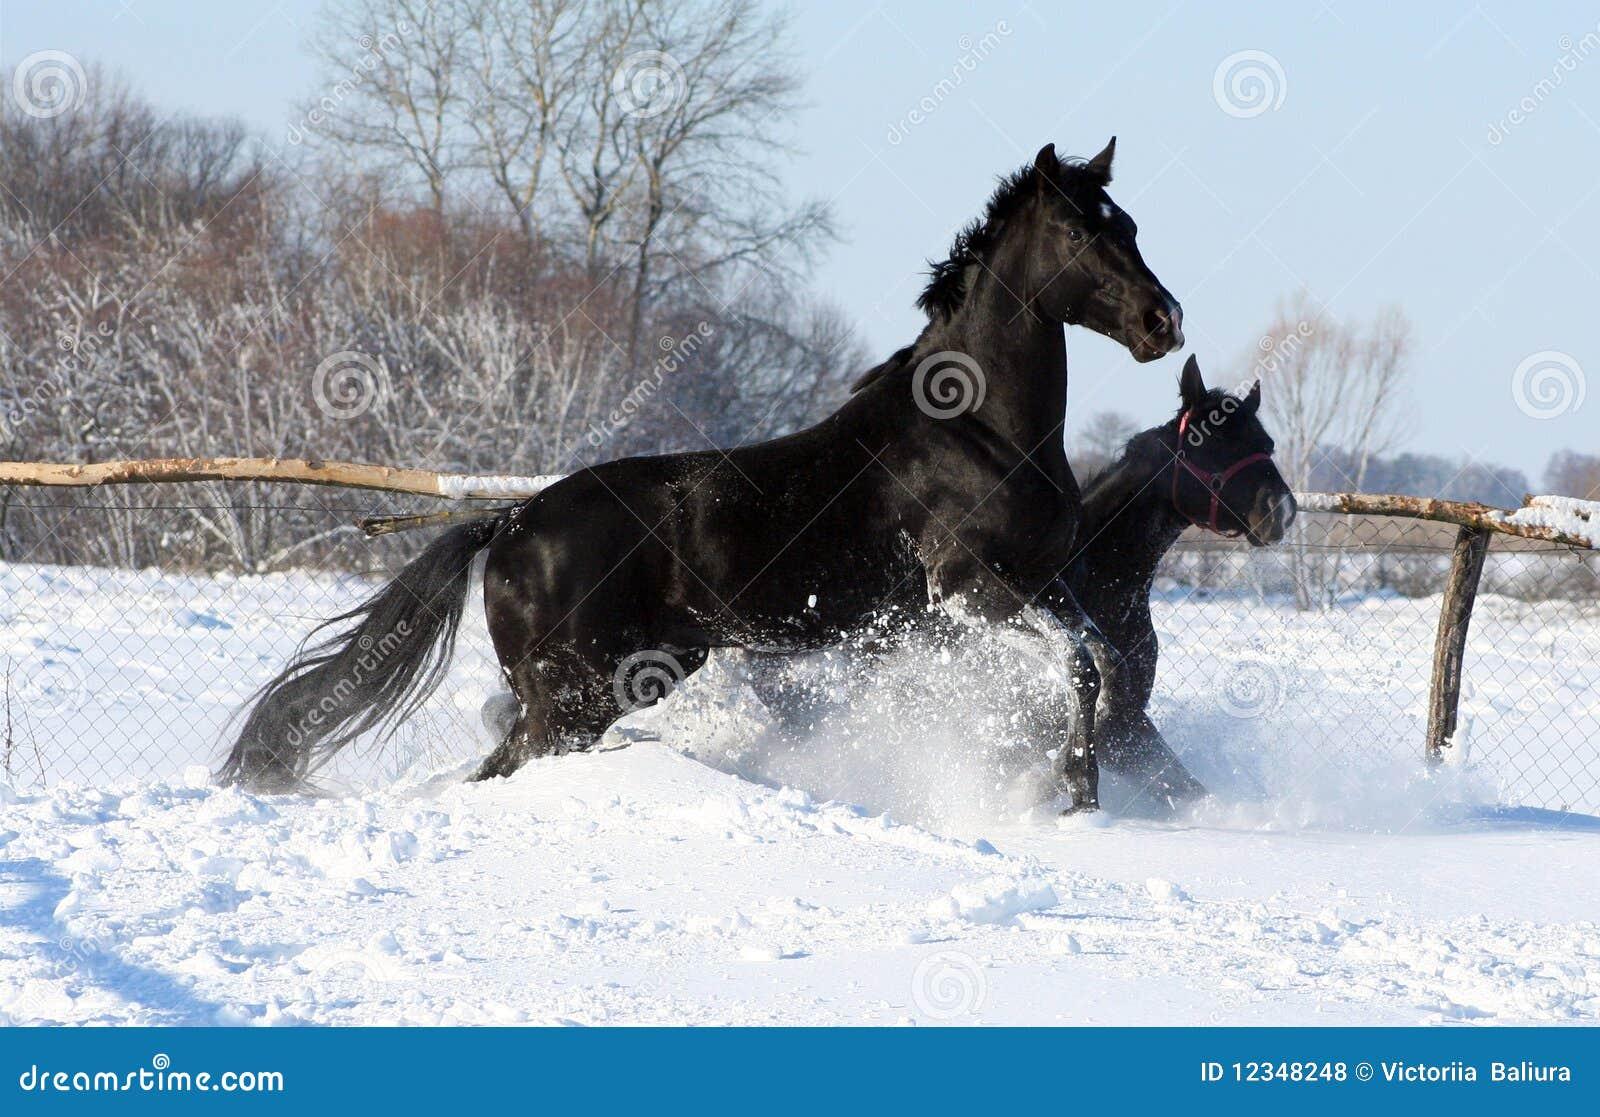 Los caballos en la nieve dos semental negro en la libertad caballos